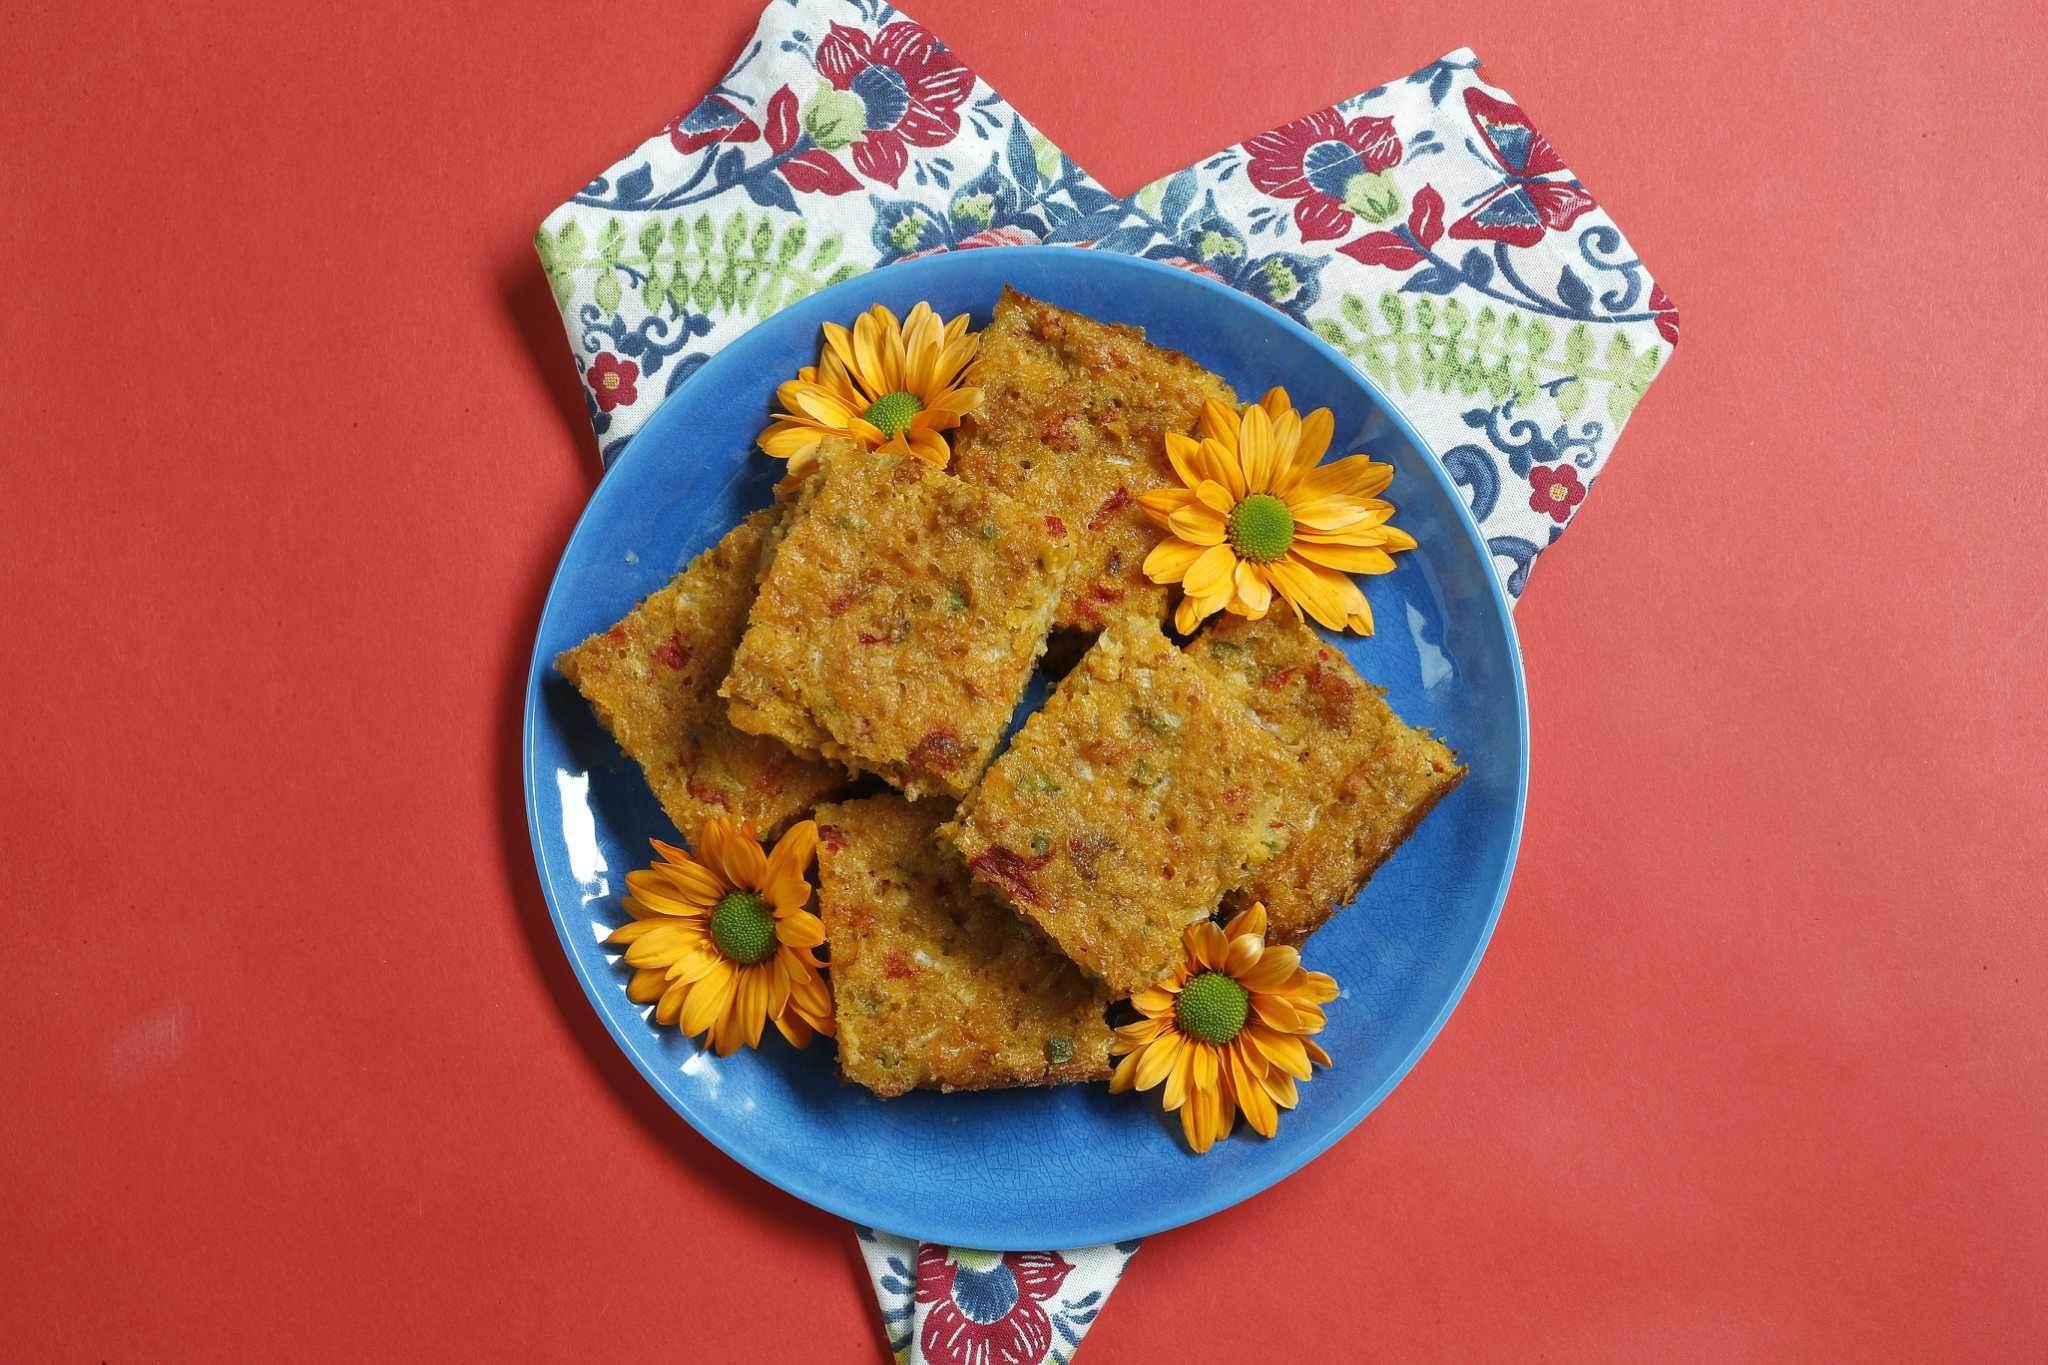 Recipe: Crawfish Cornbread